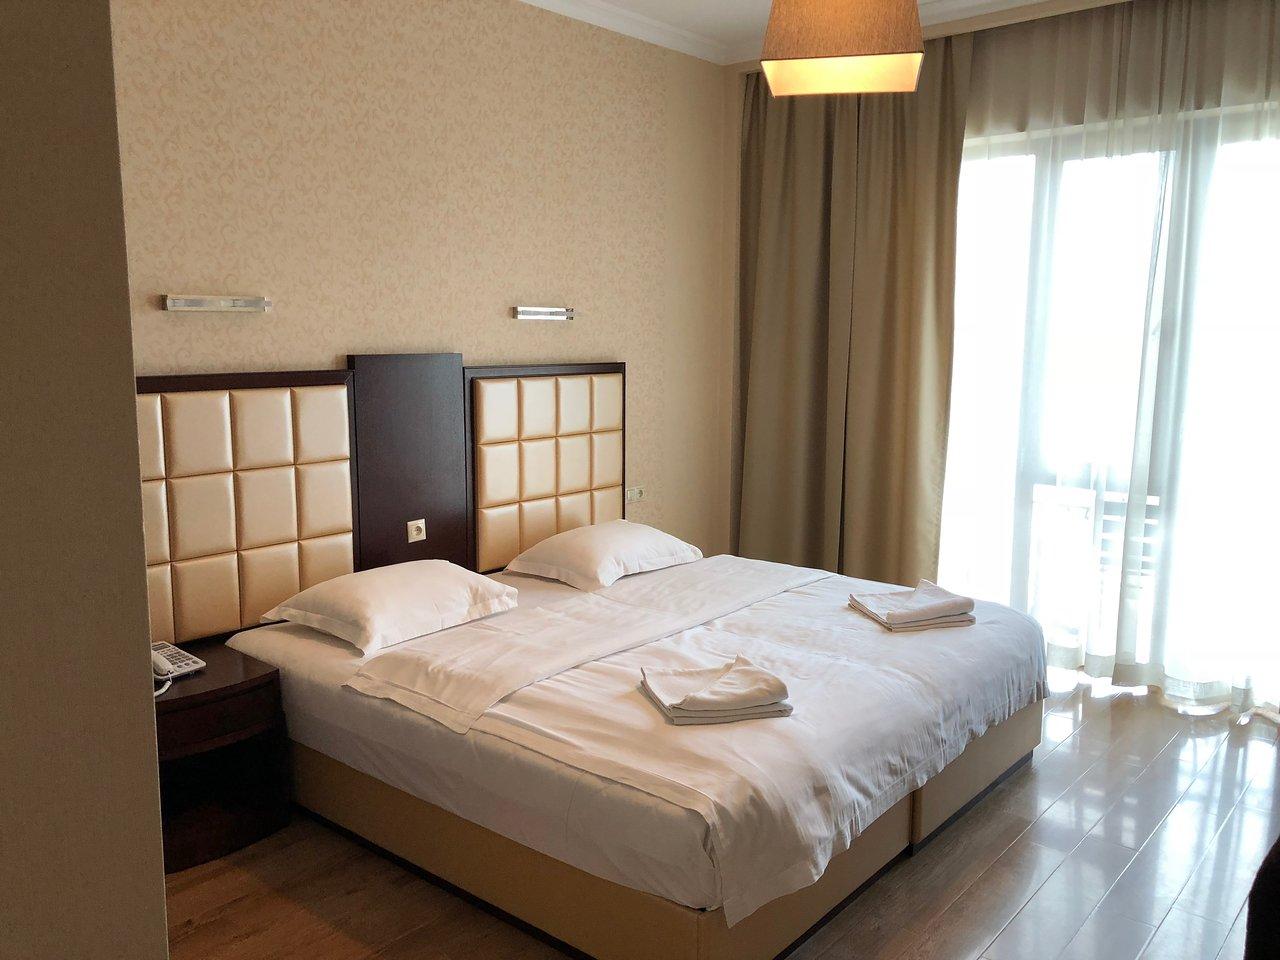 هتل پیاتزا تفلیس